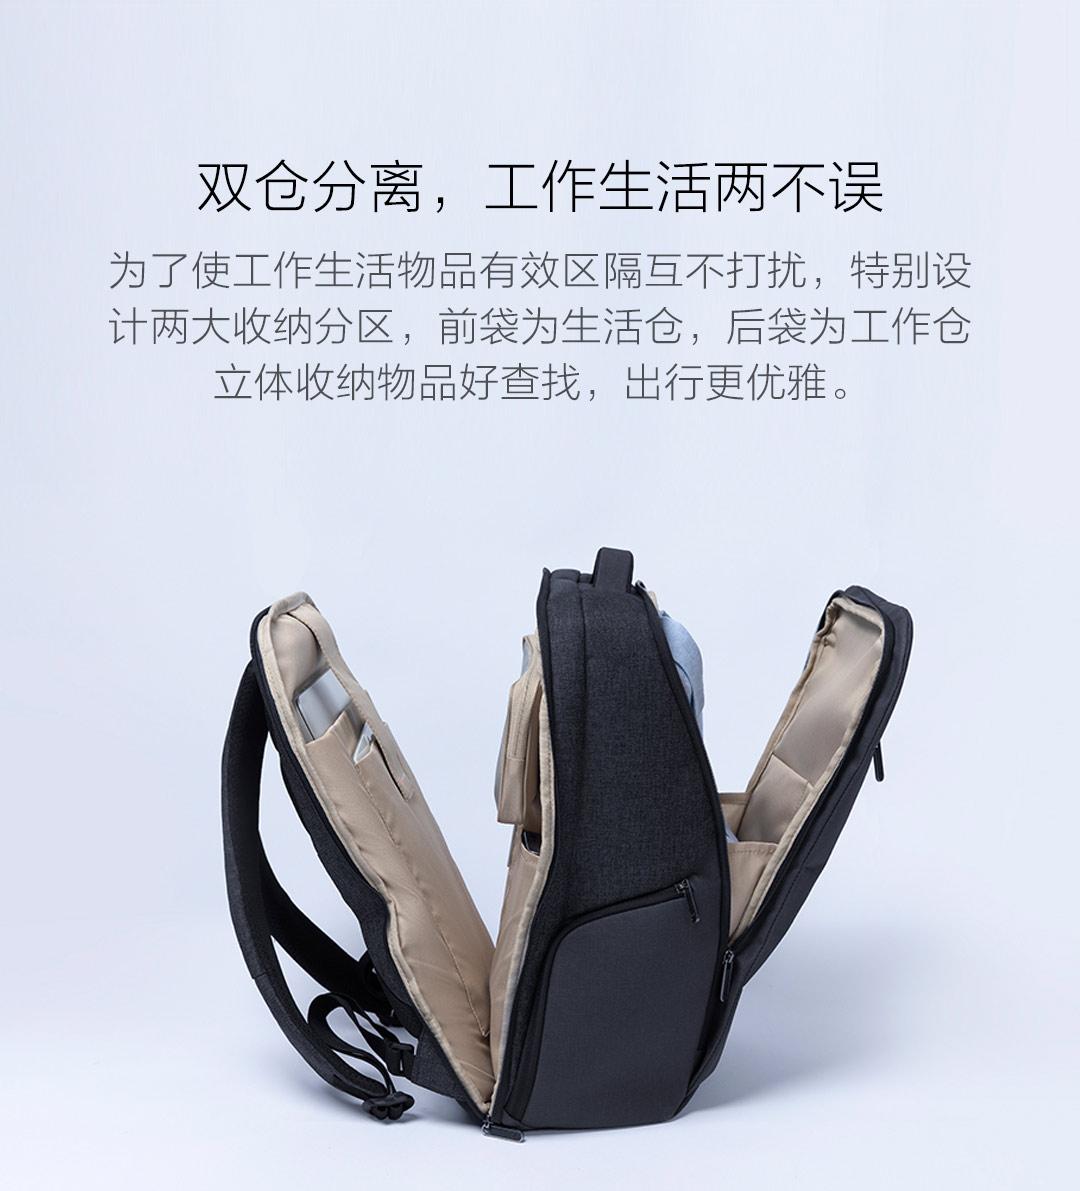 小米商旅多功能双肩包 2